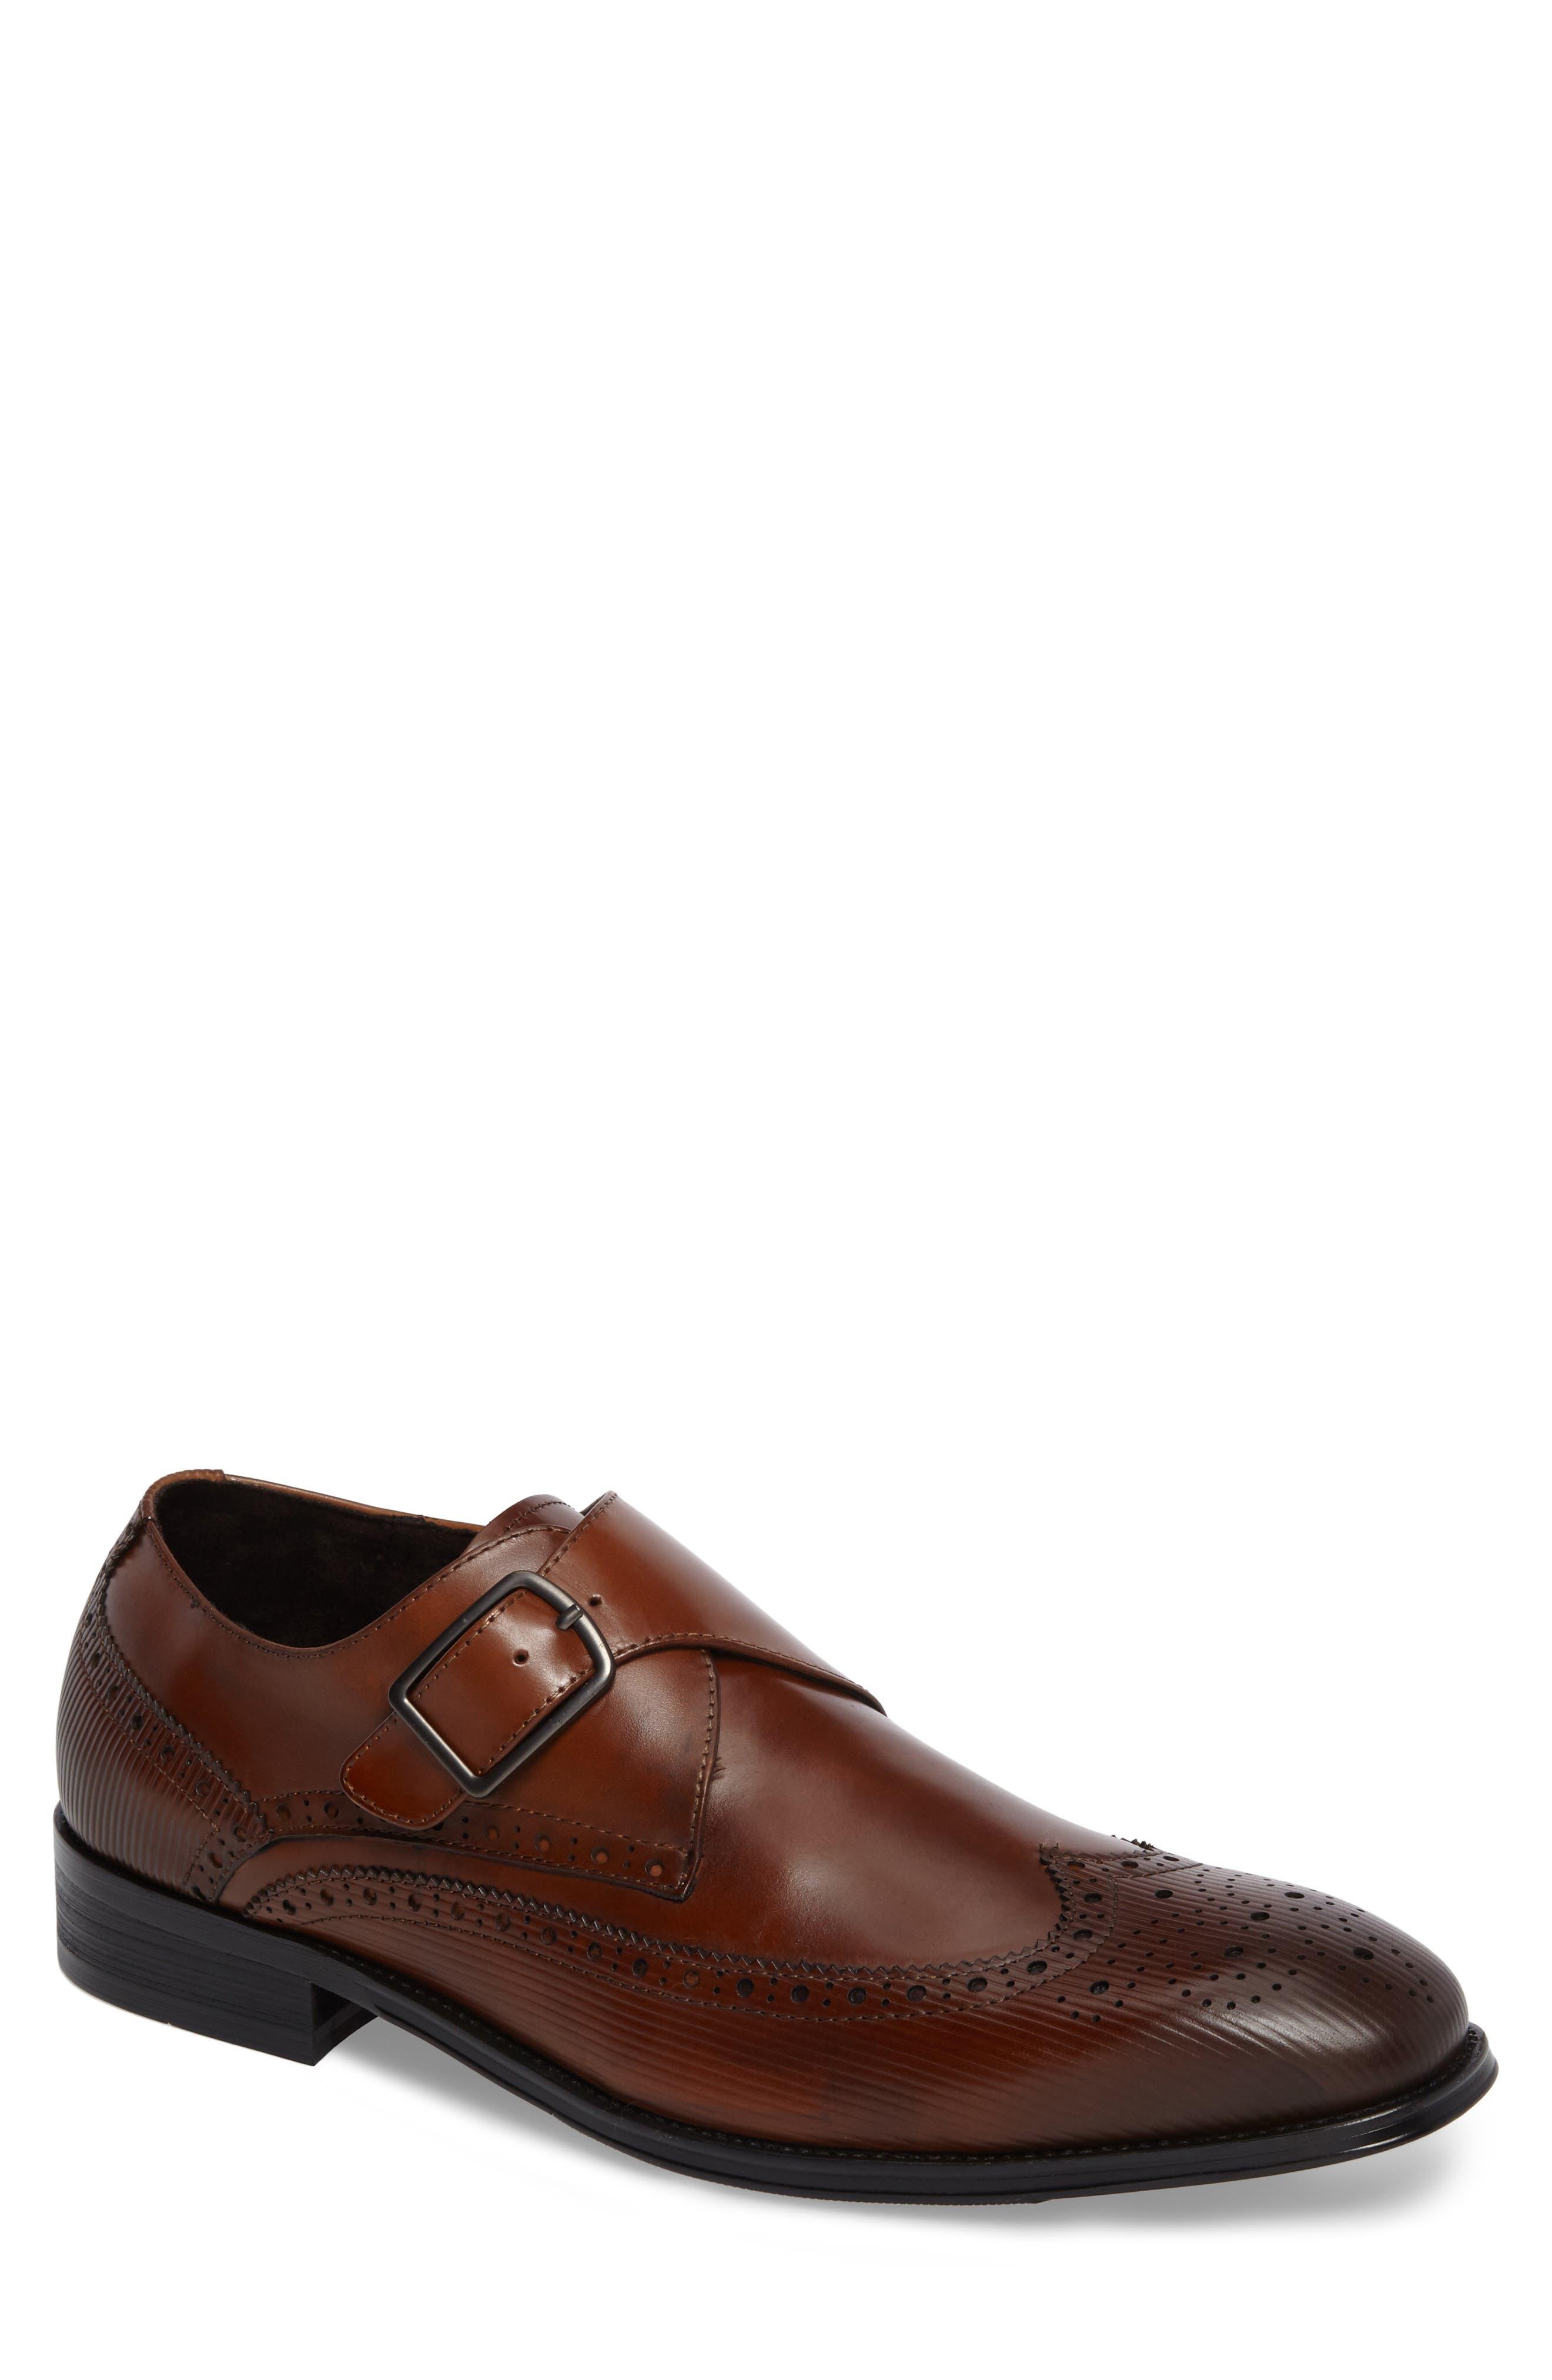 Design Monk Strap Shoe,                             Main thumbnail 2, color,